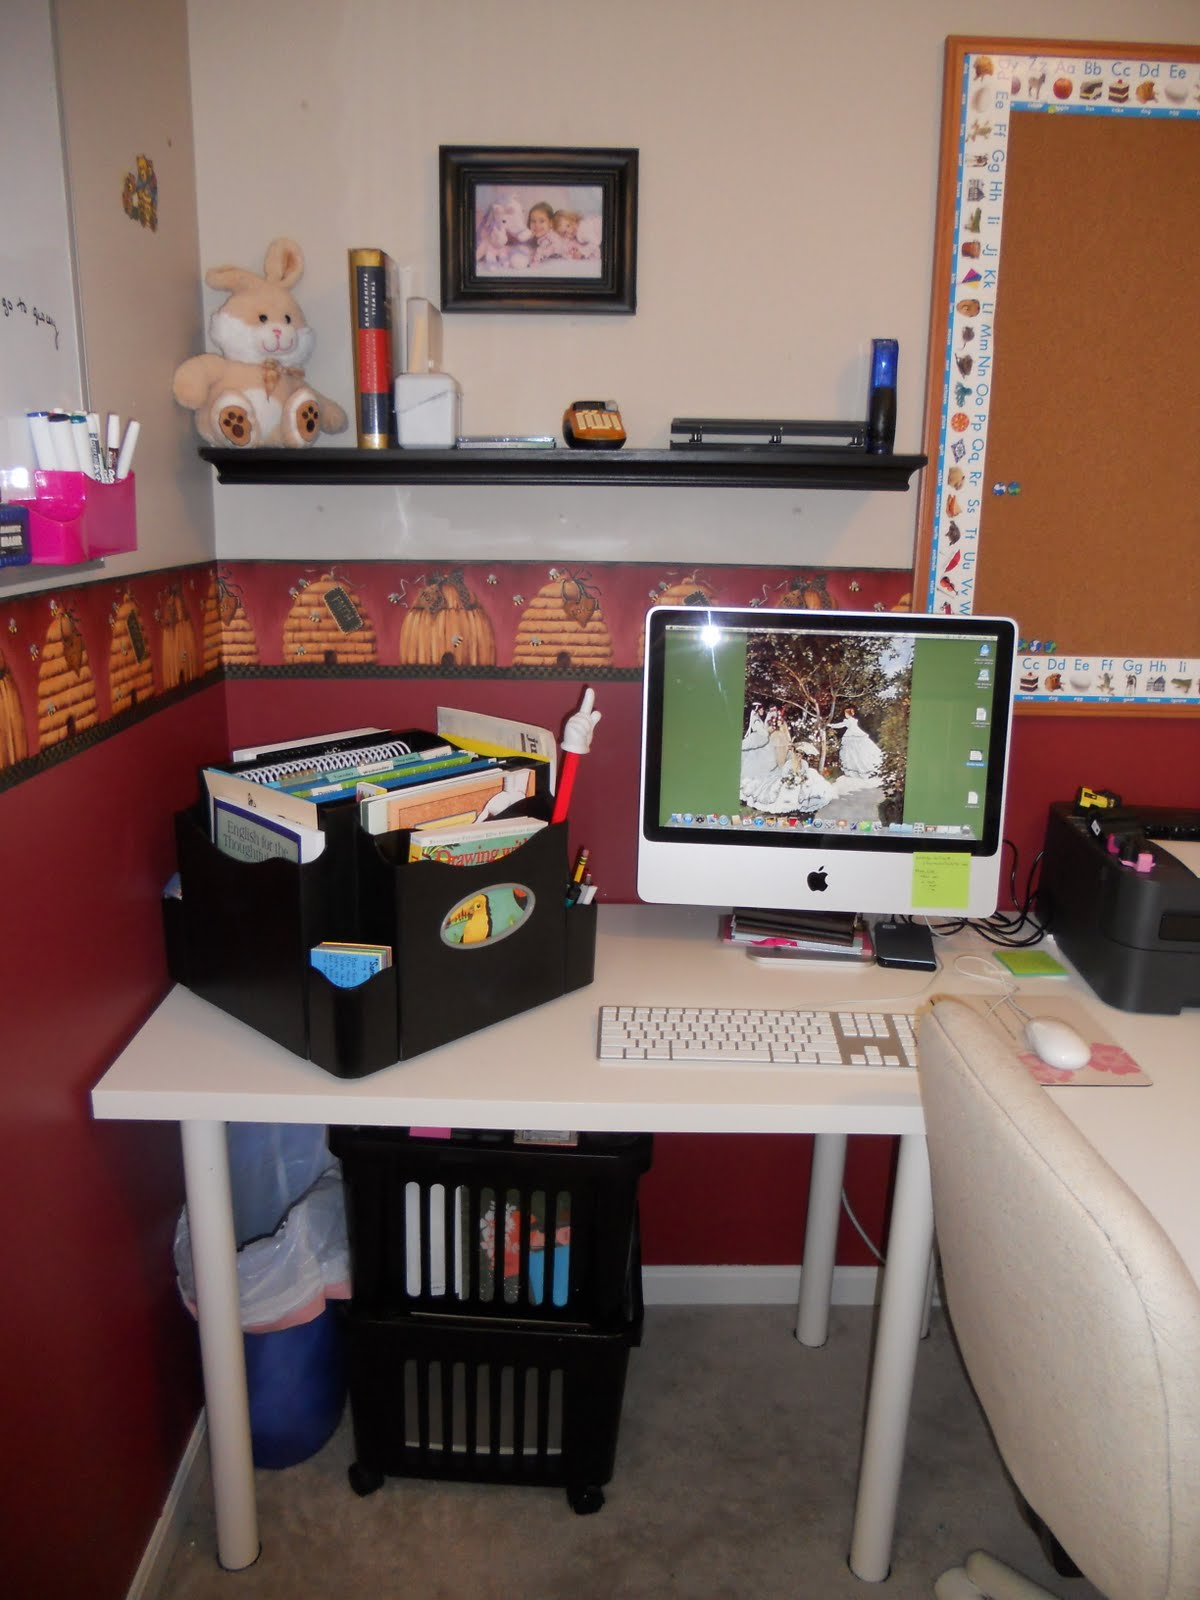 Staples Desk Apprentice